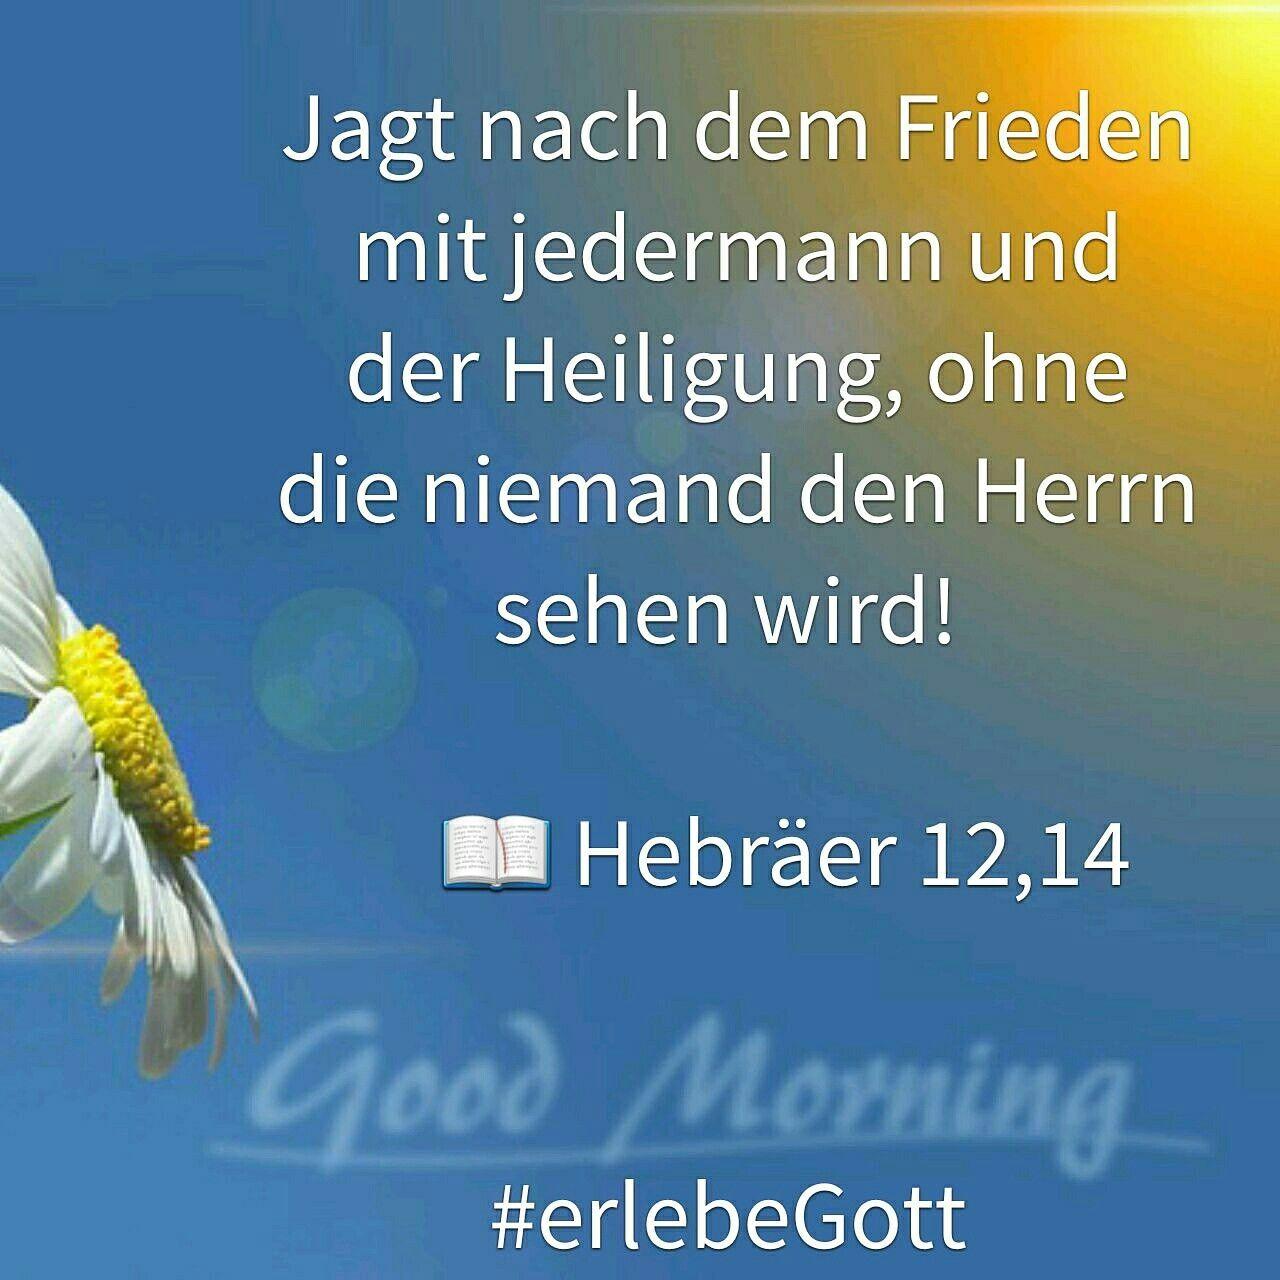 Vers des Tages   Jagt nach dem Frieden mit jedermann und der Heiligung, ohne die niemand den Herrn sehen wird!          Hebräer 12,14  #erlebeGott